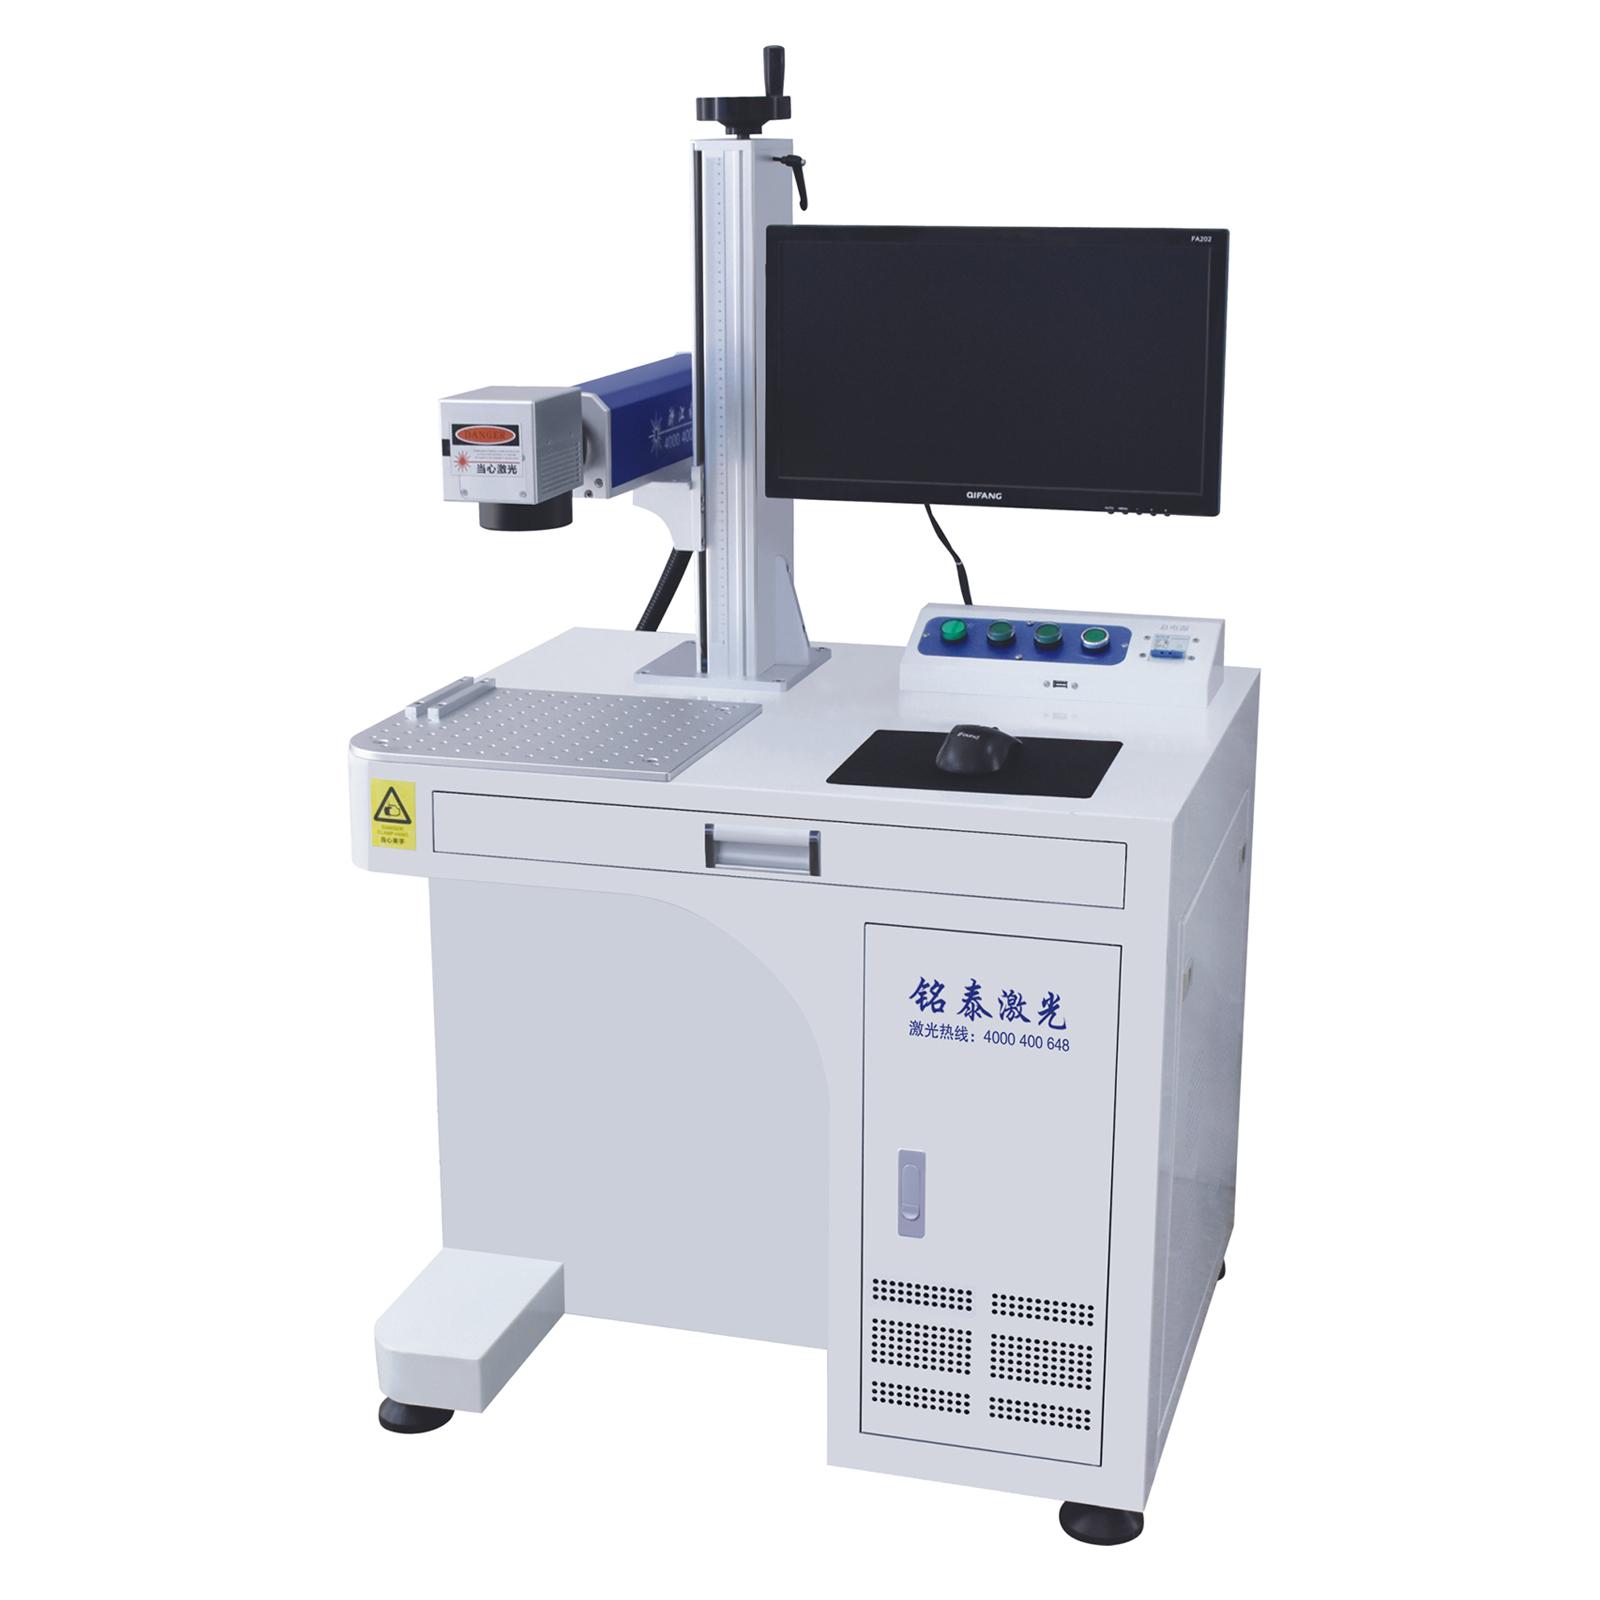 光纖激光打標機